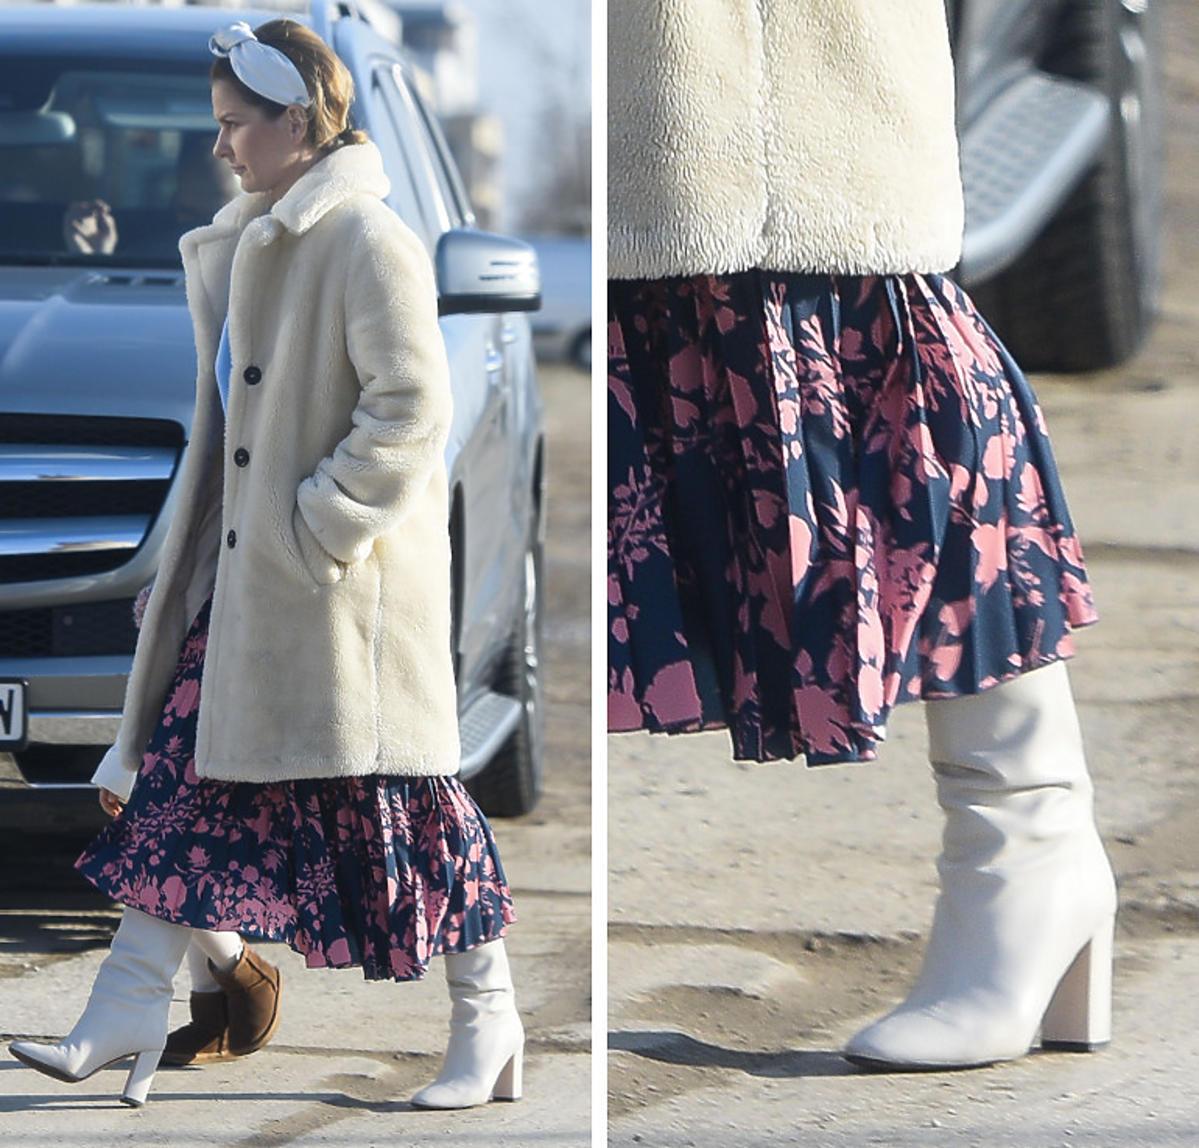 Kiedyś obciach, teraz hit! Paulina Sykut w kontrowersyjnych butach na spacerze z córeczką